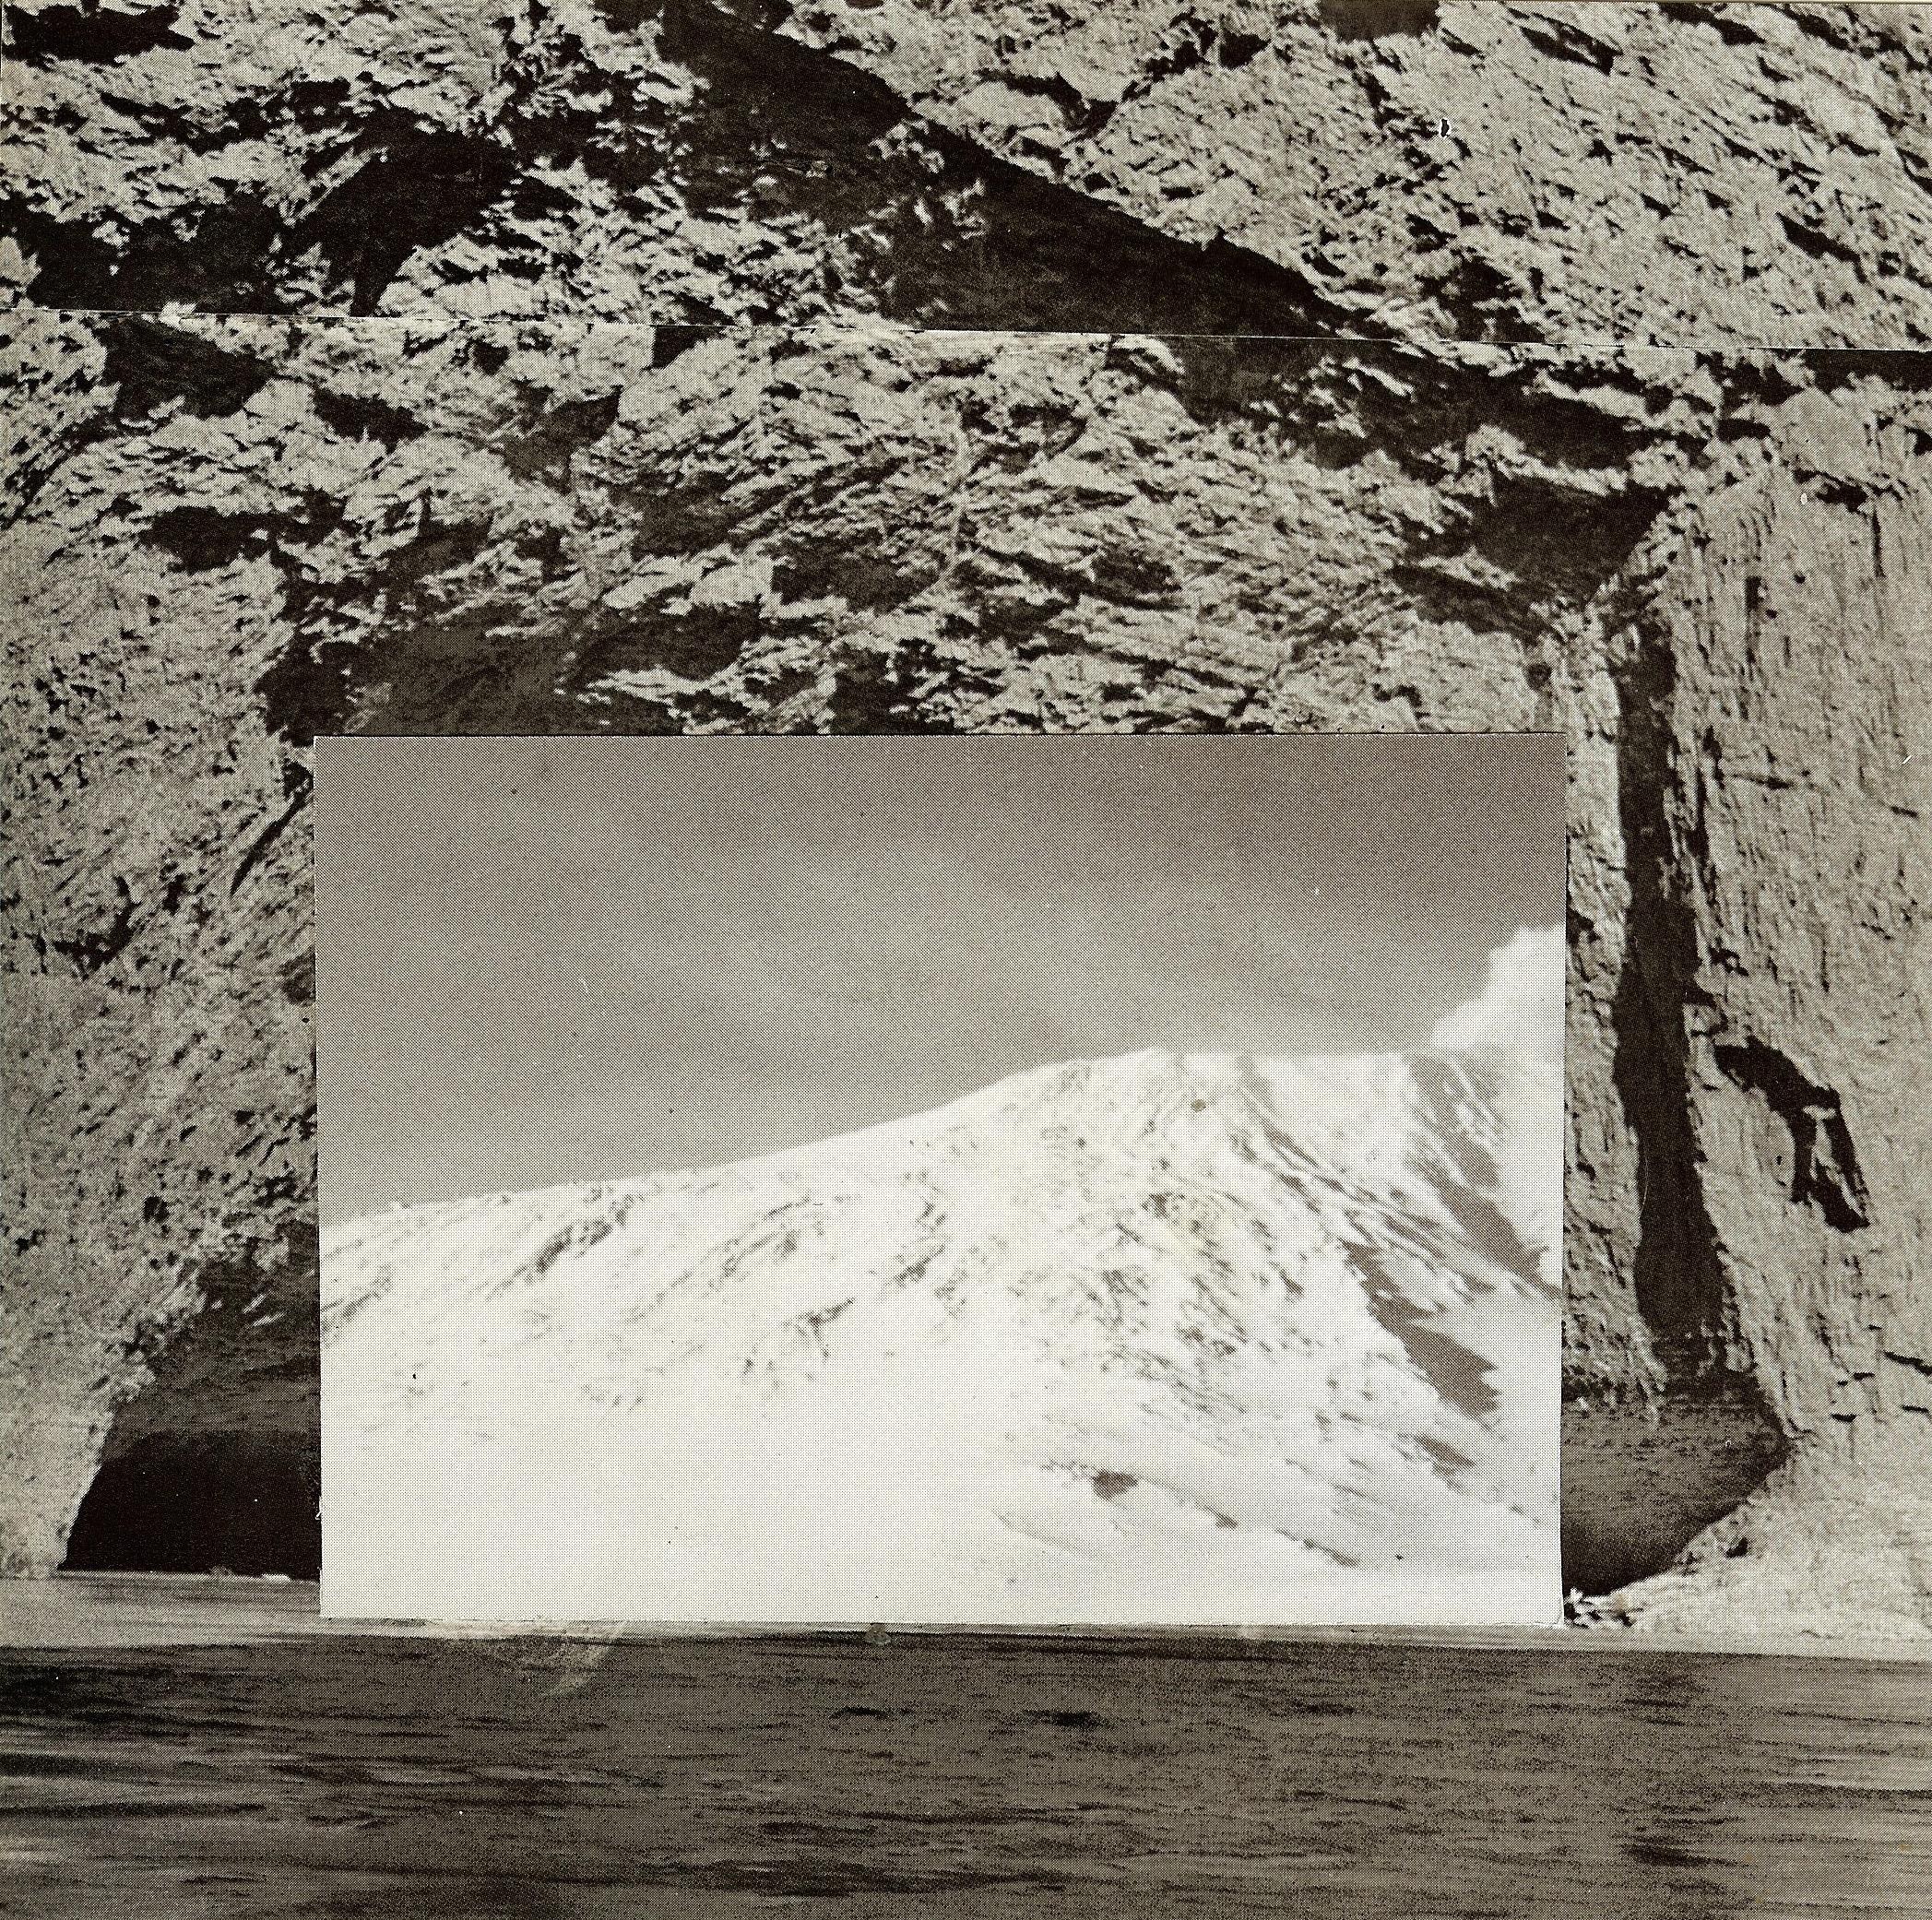 Landscape_Image 2.jpg